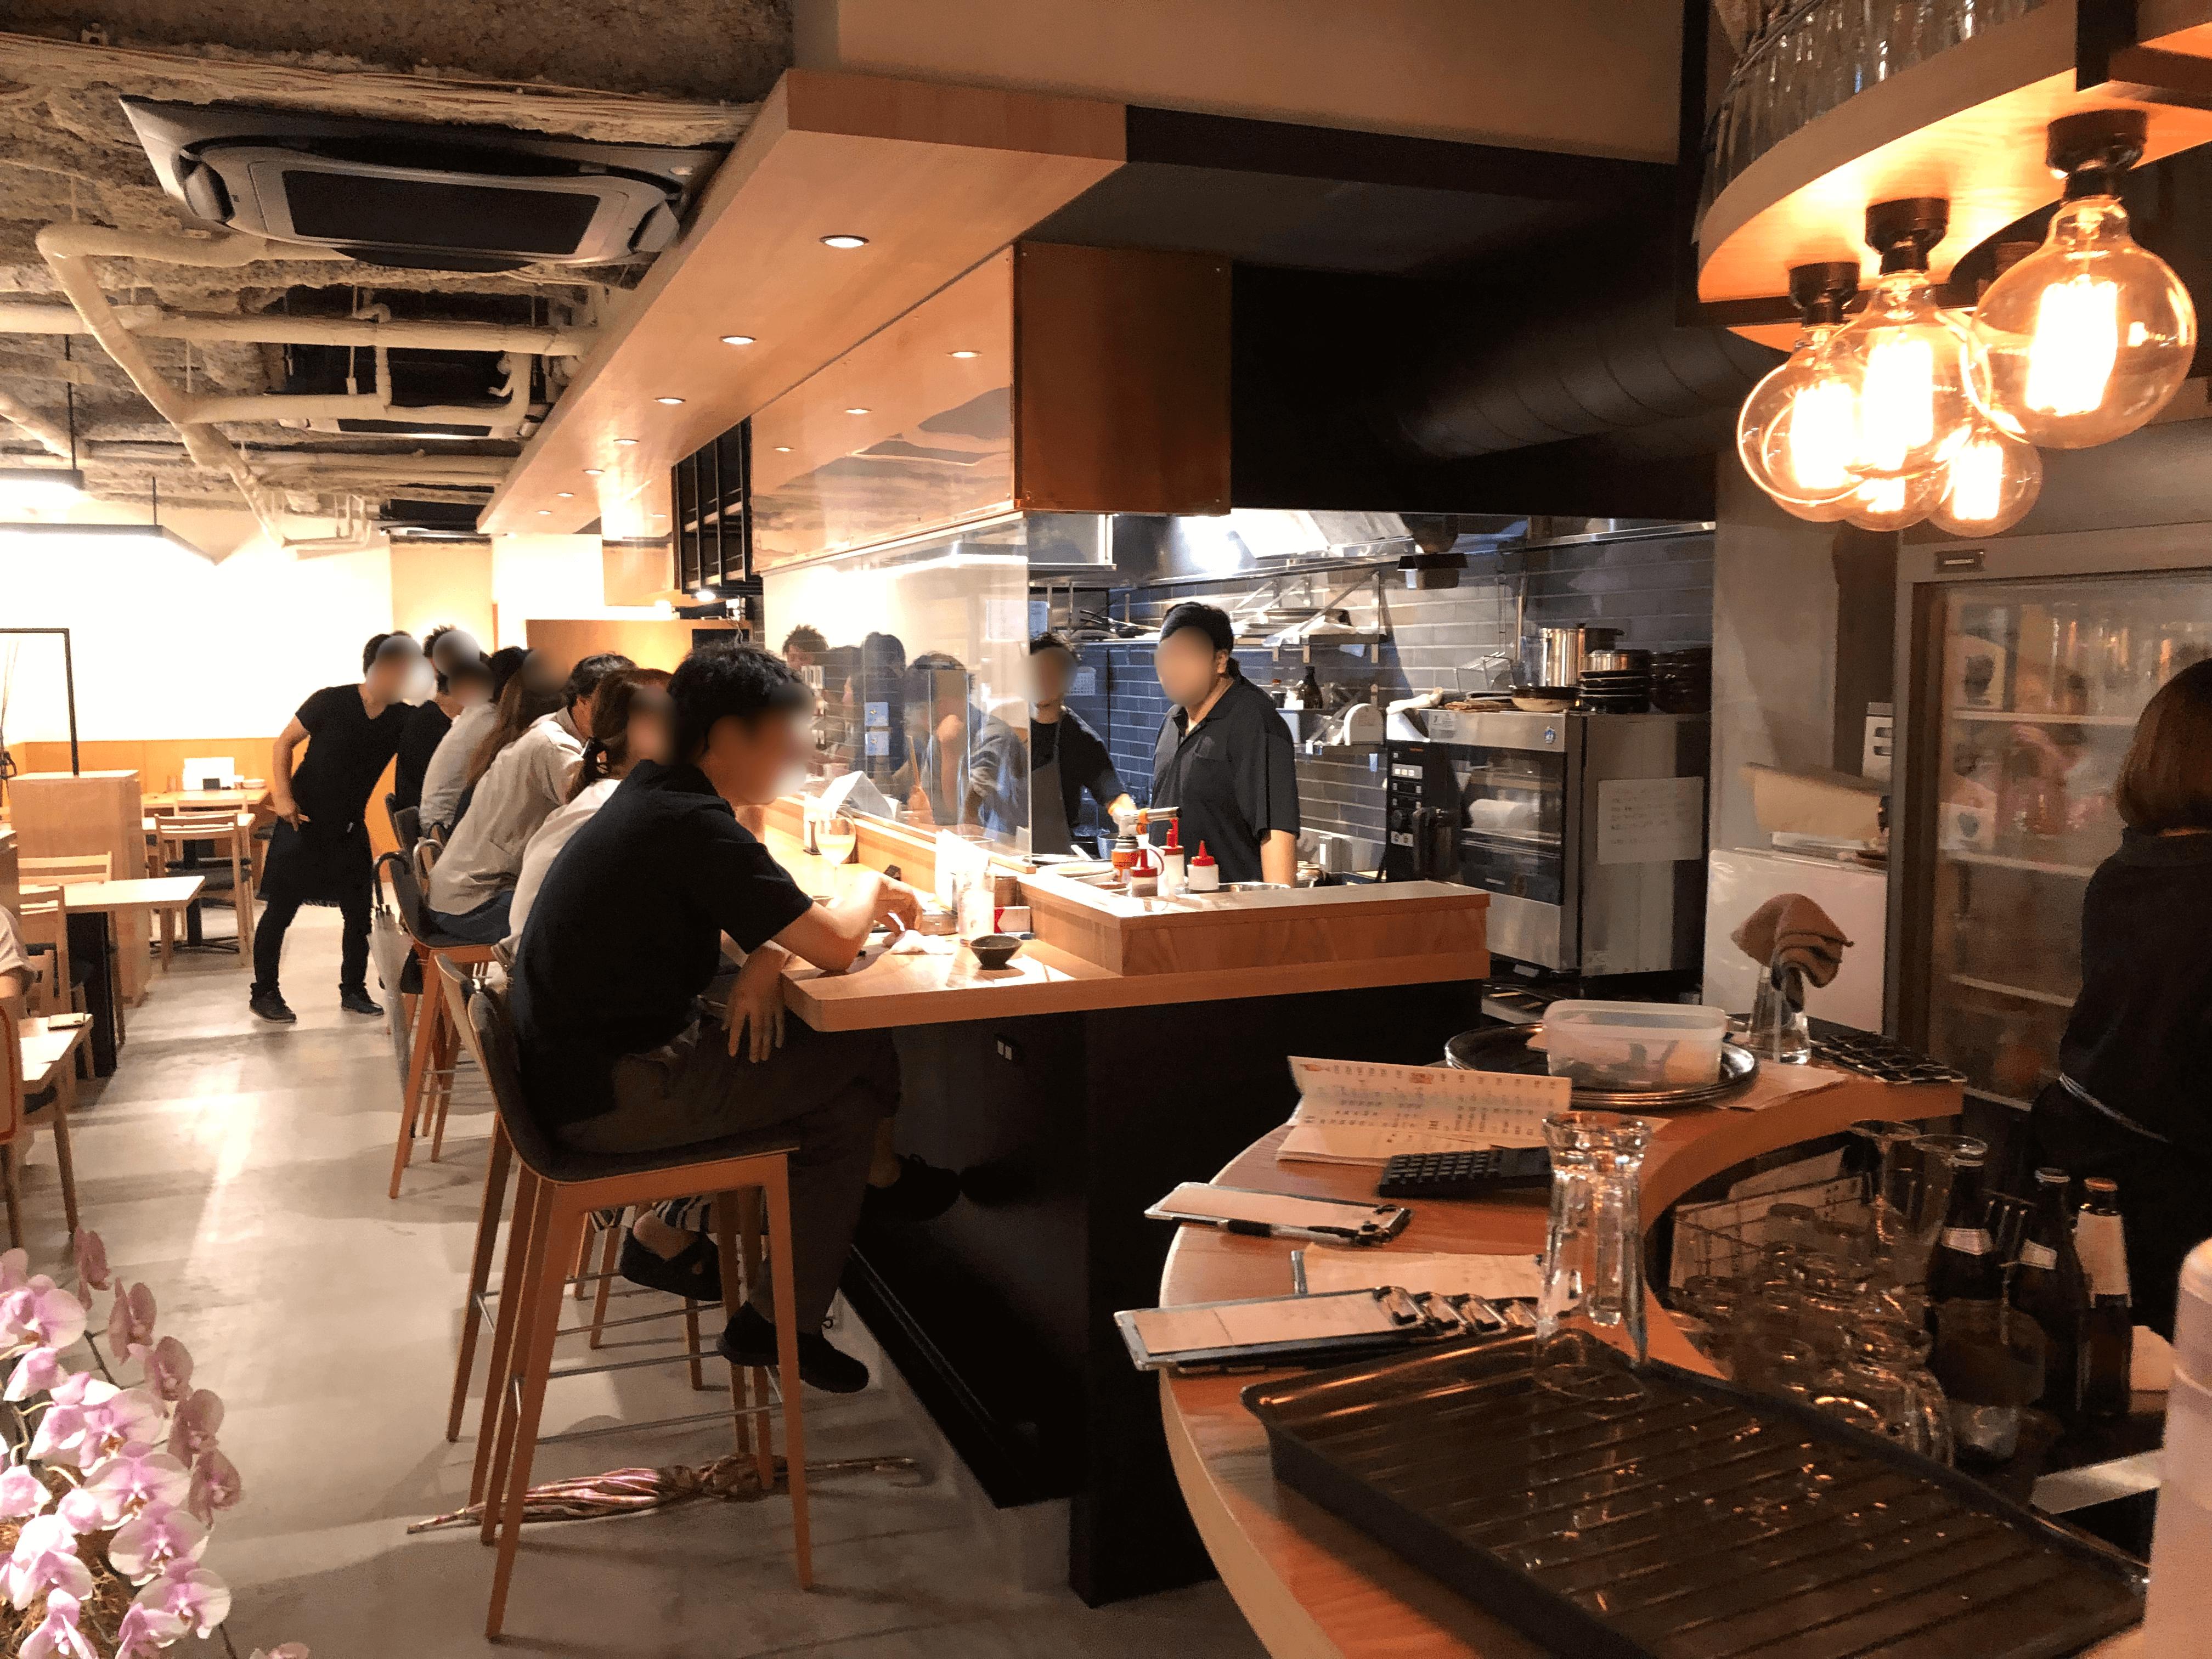 「 木倉町クサムラ 」串 × 酒 × 飯 がコンセプトの創作料理店に行ってみた